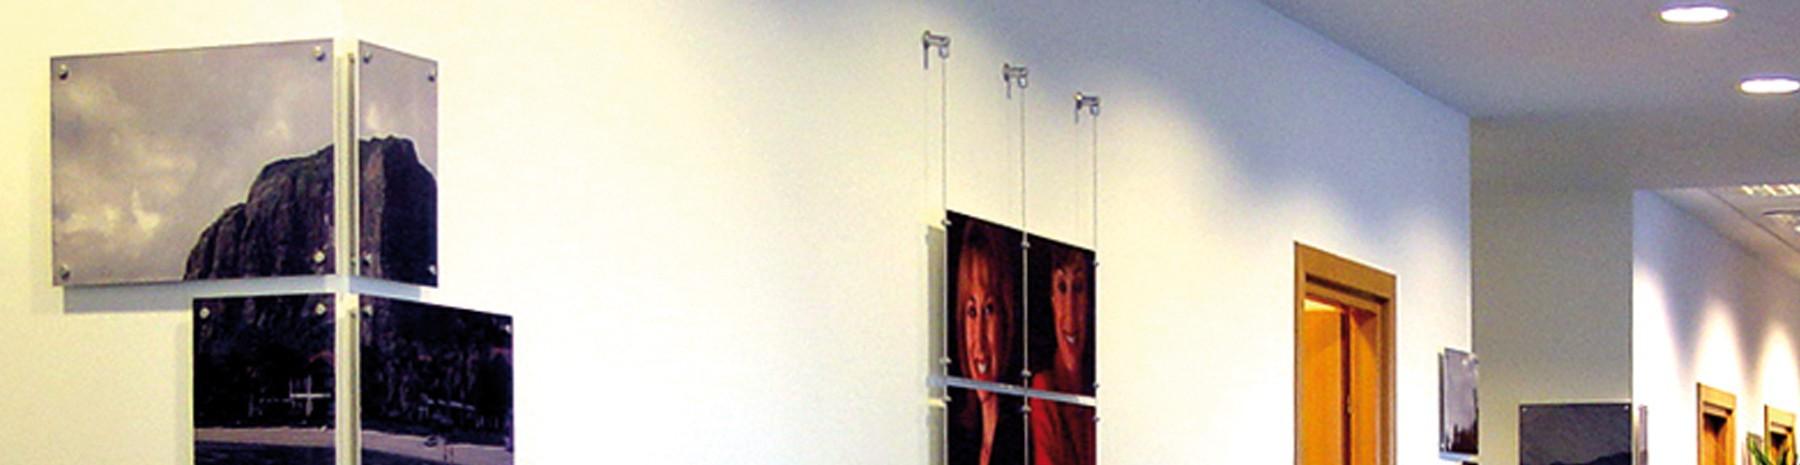 Colonne porte-affiche plexiglas pour affichage murale ou suspendu.